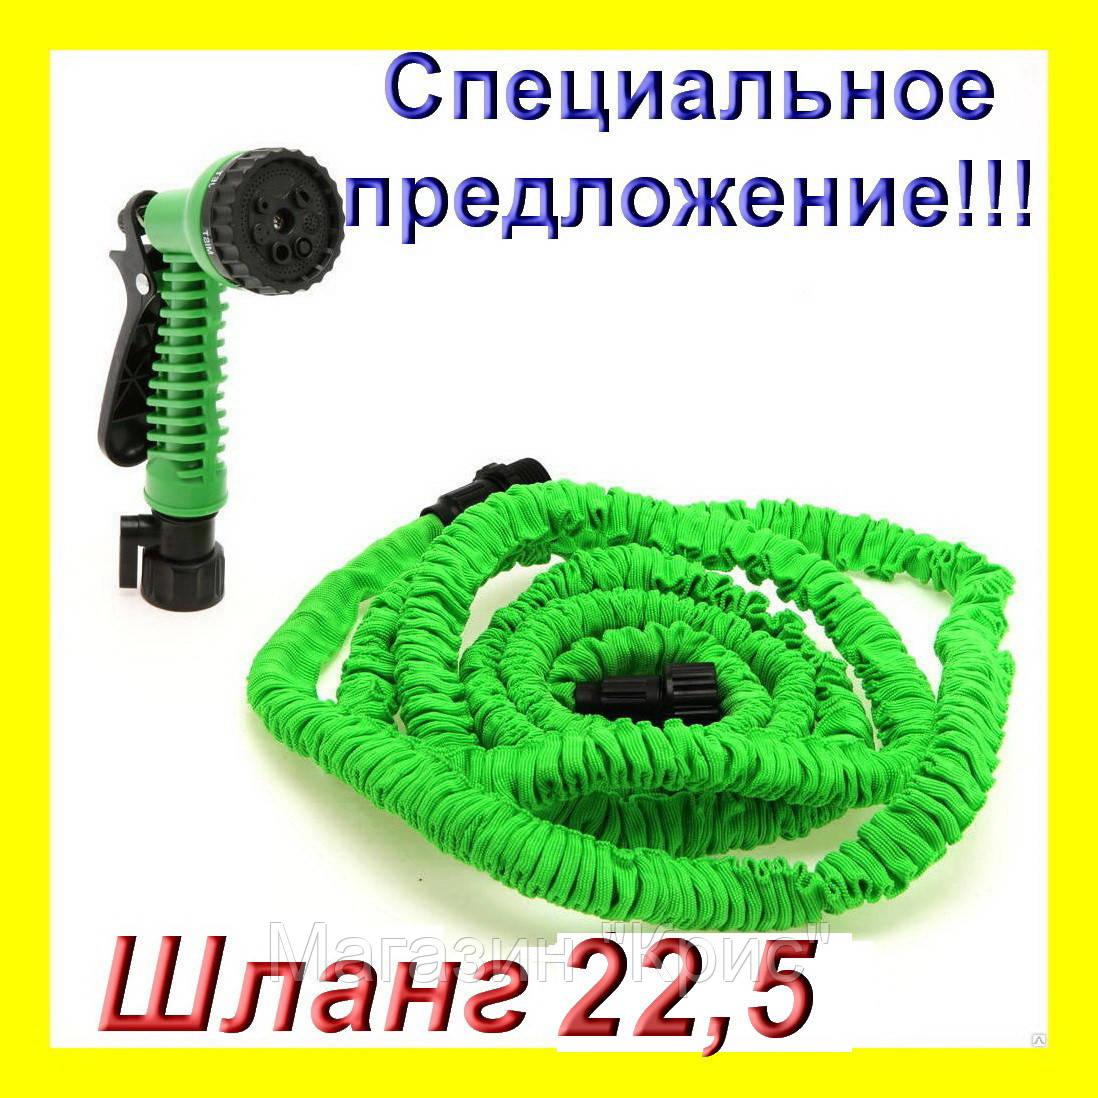 """Шланг поливочный X-HOSE-22,5 м - Магазин """"Крис"""" в Одессе"""